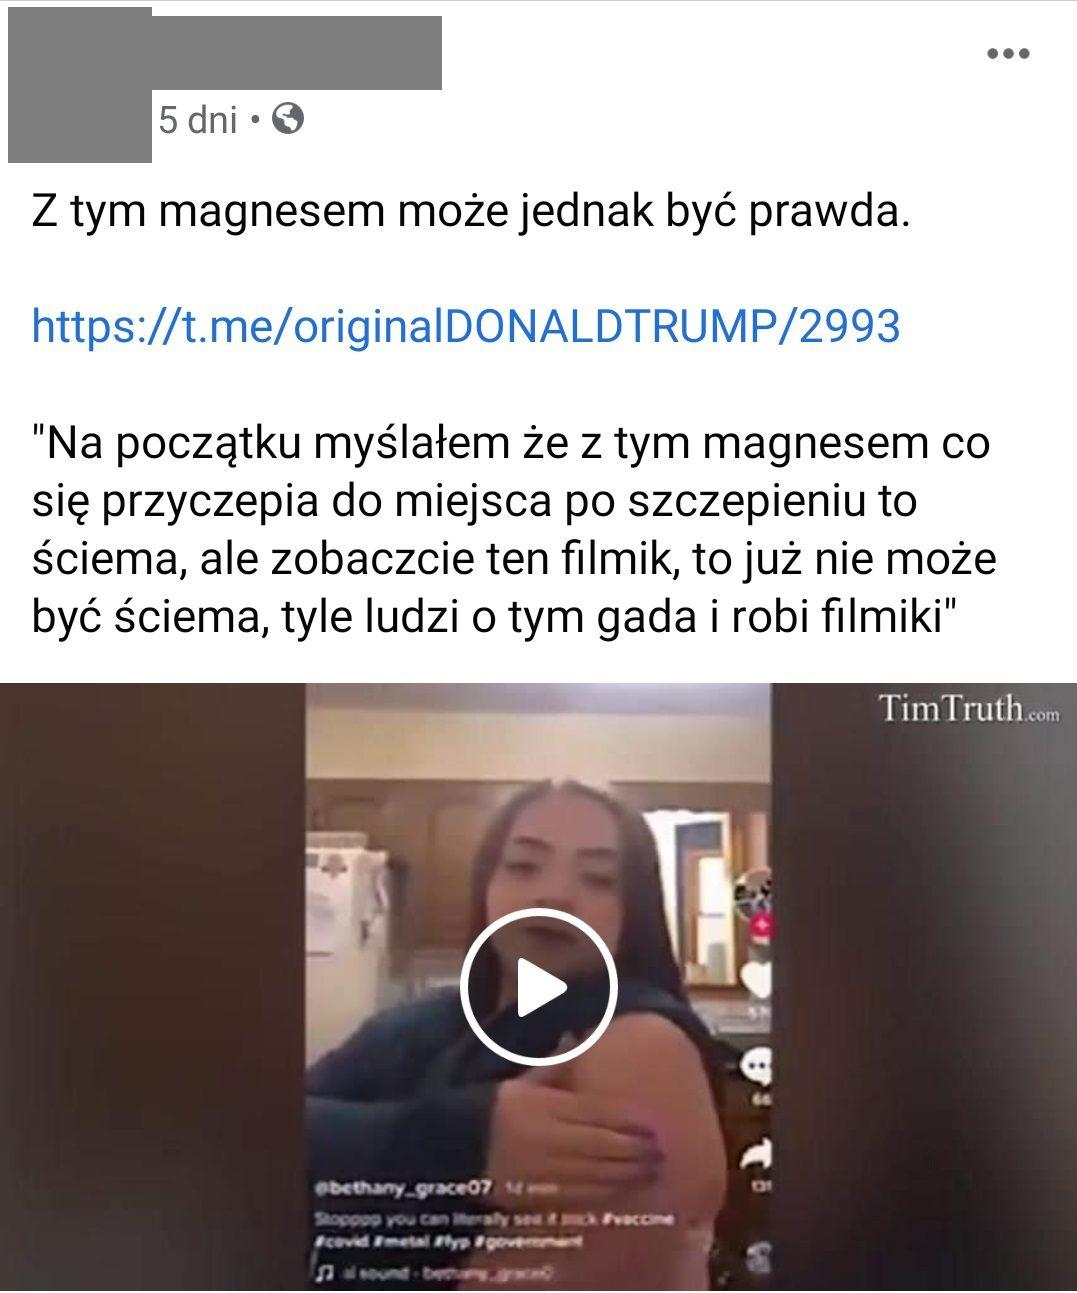 Zrzut ekranu zFacebooka. Dopostu dołączono film, naktórym różni ludzie sprawdzają, czymagnes faktycznie przyczepia się doramienia. We wszystkim przypadkach okazuje się, żetak jest.